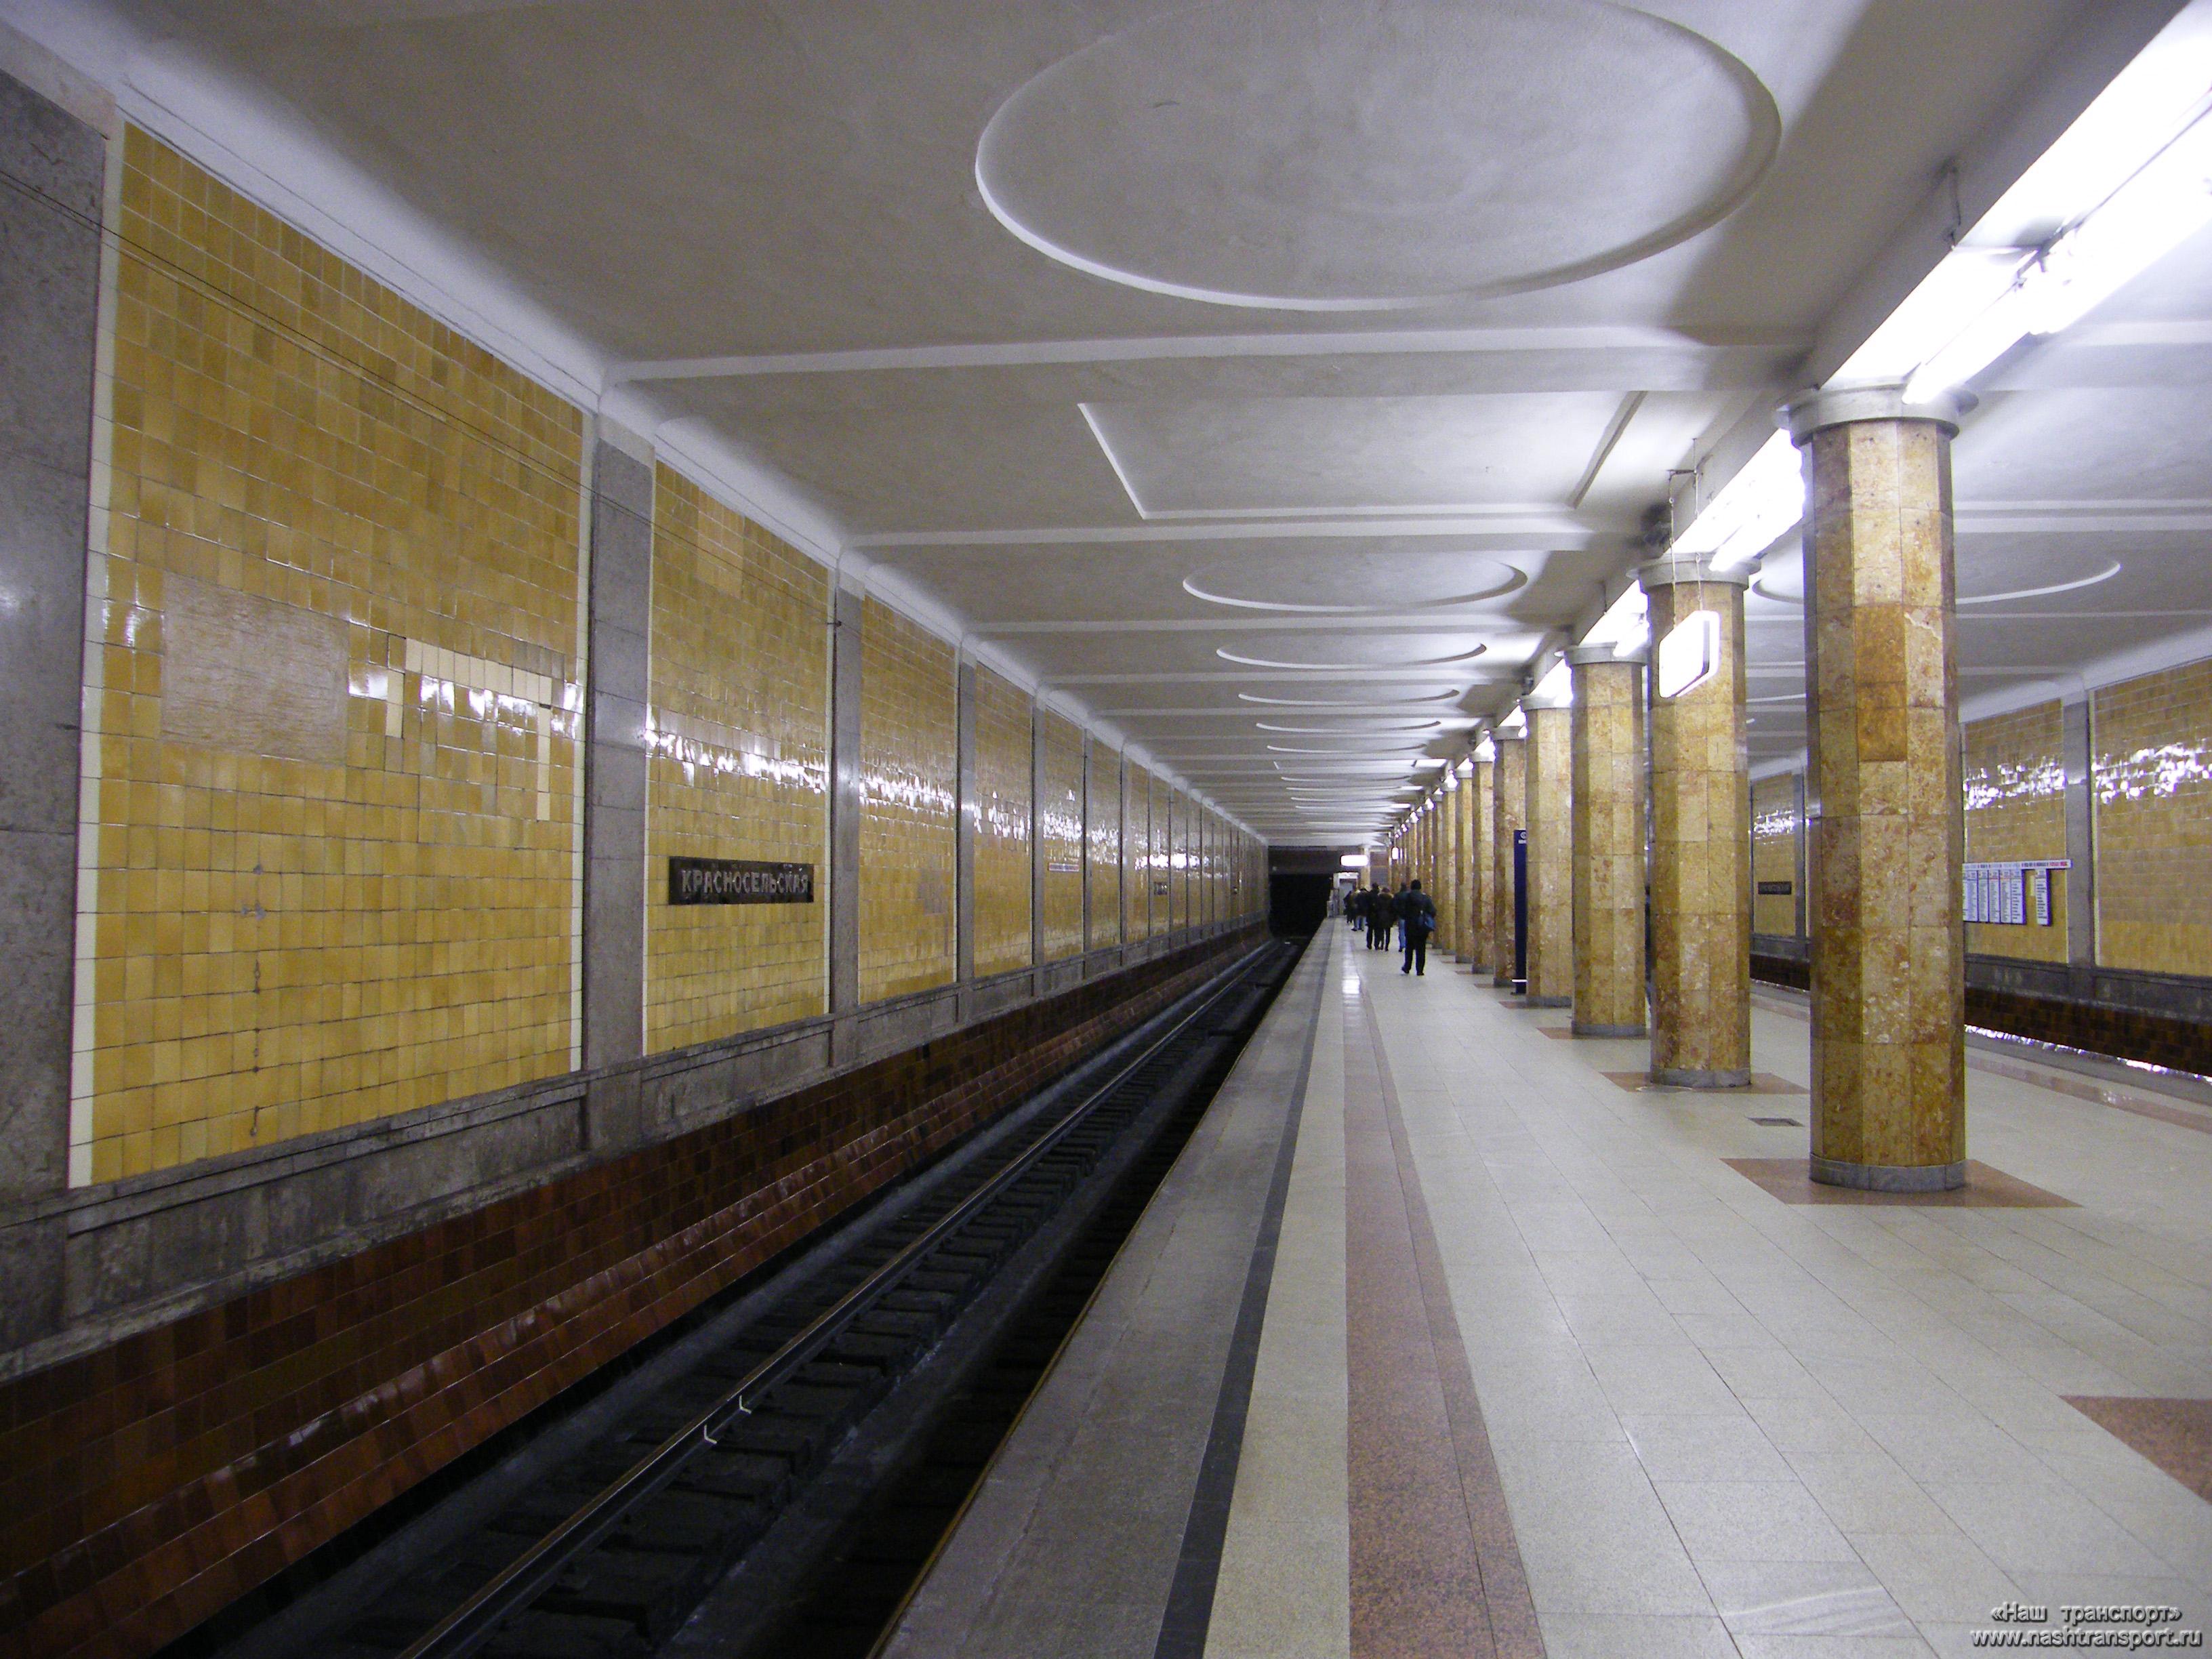 Проститутки москвы метро красносельское 6 фотография